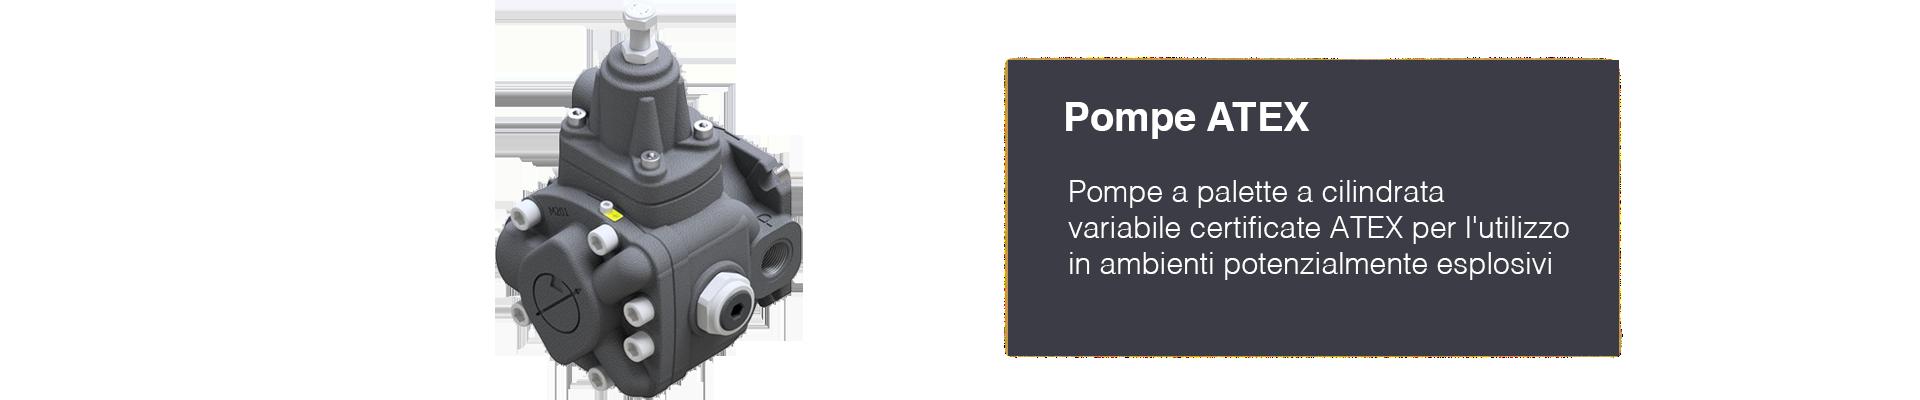 pompe-atex-berarma